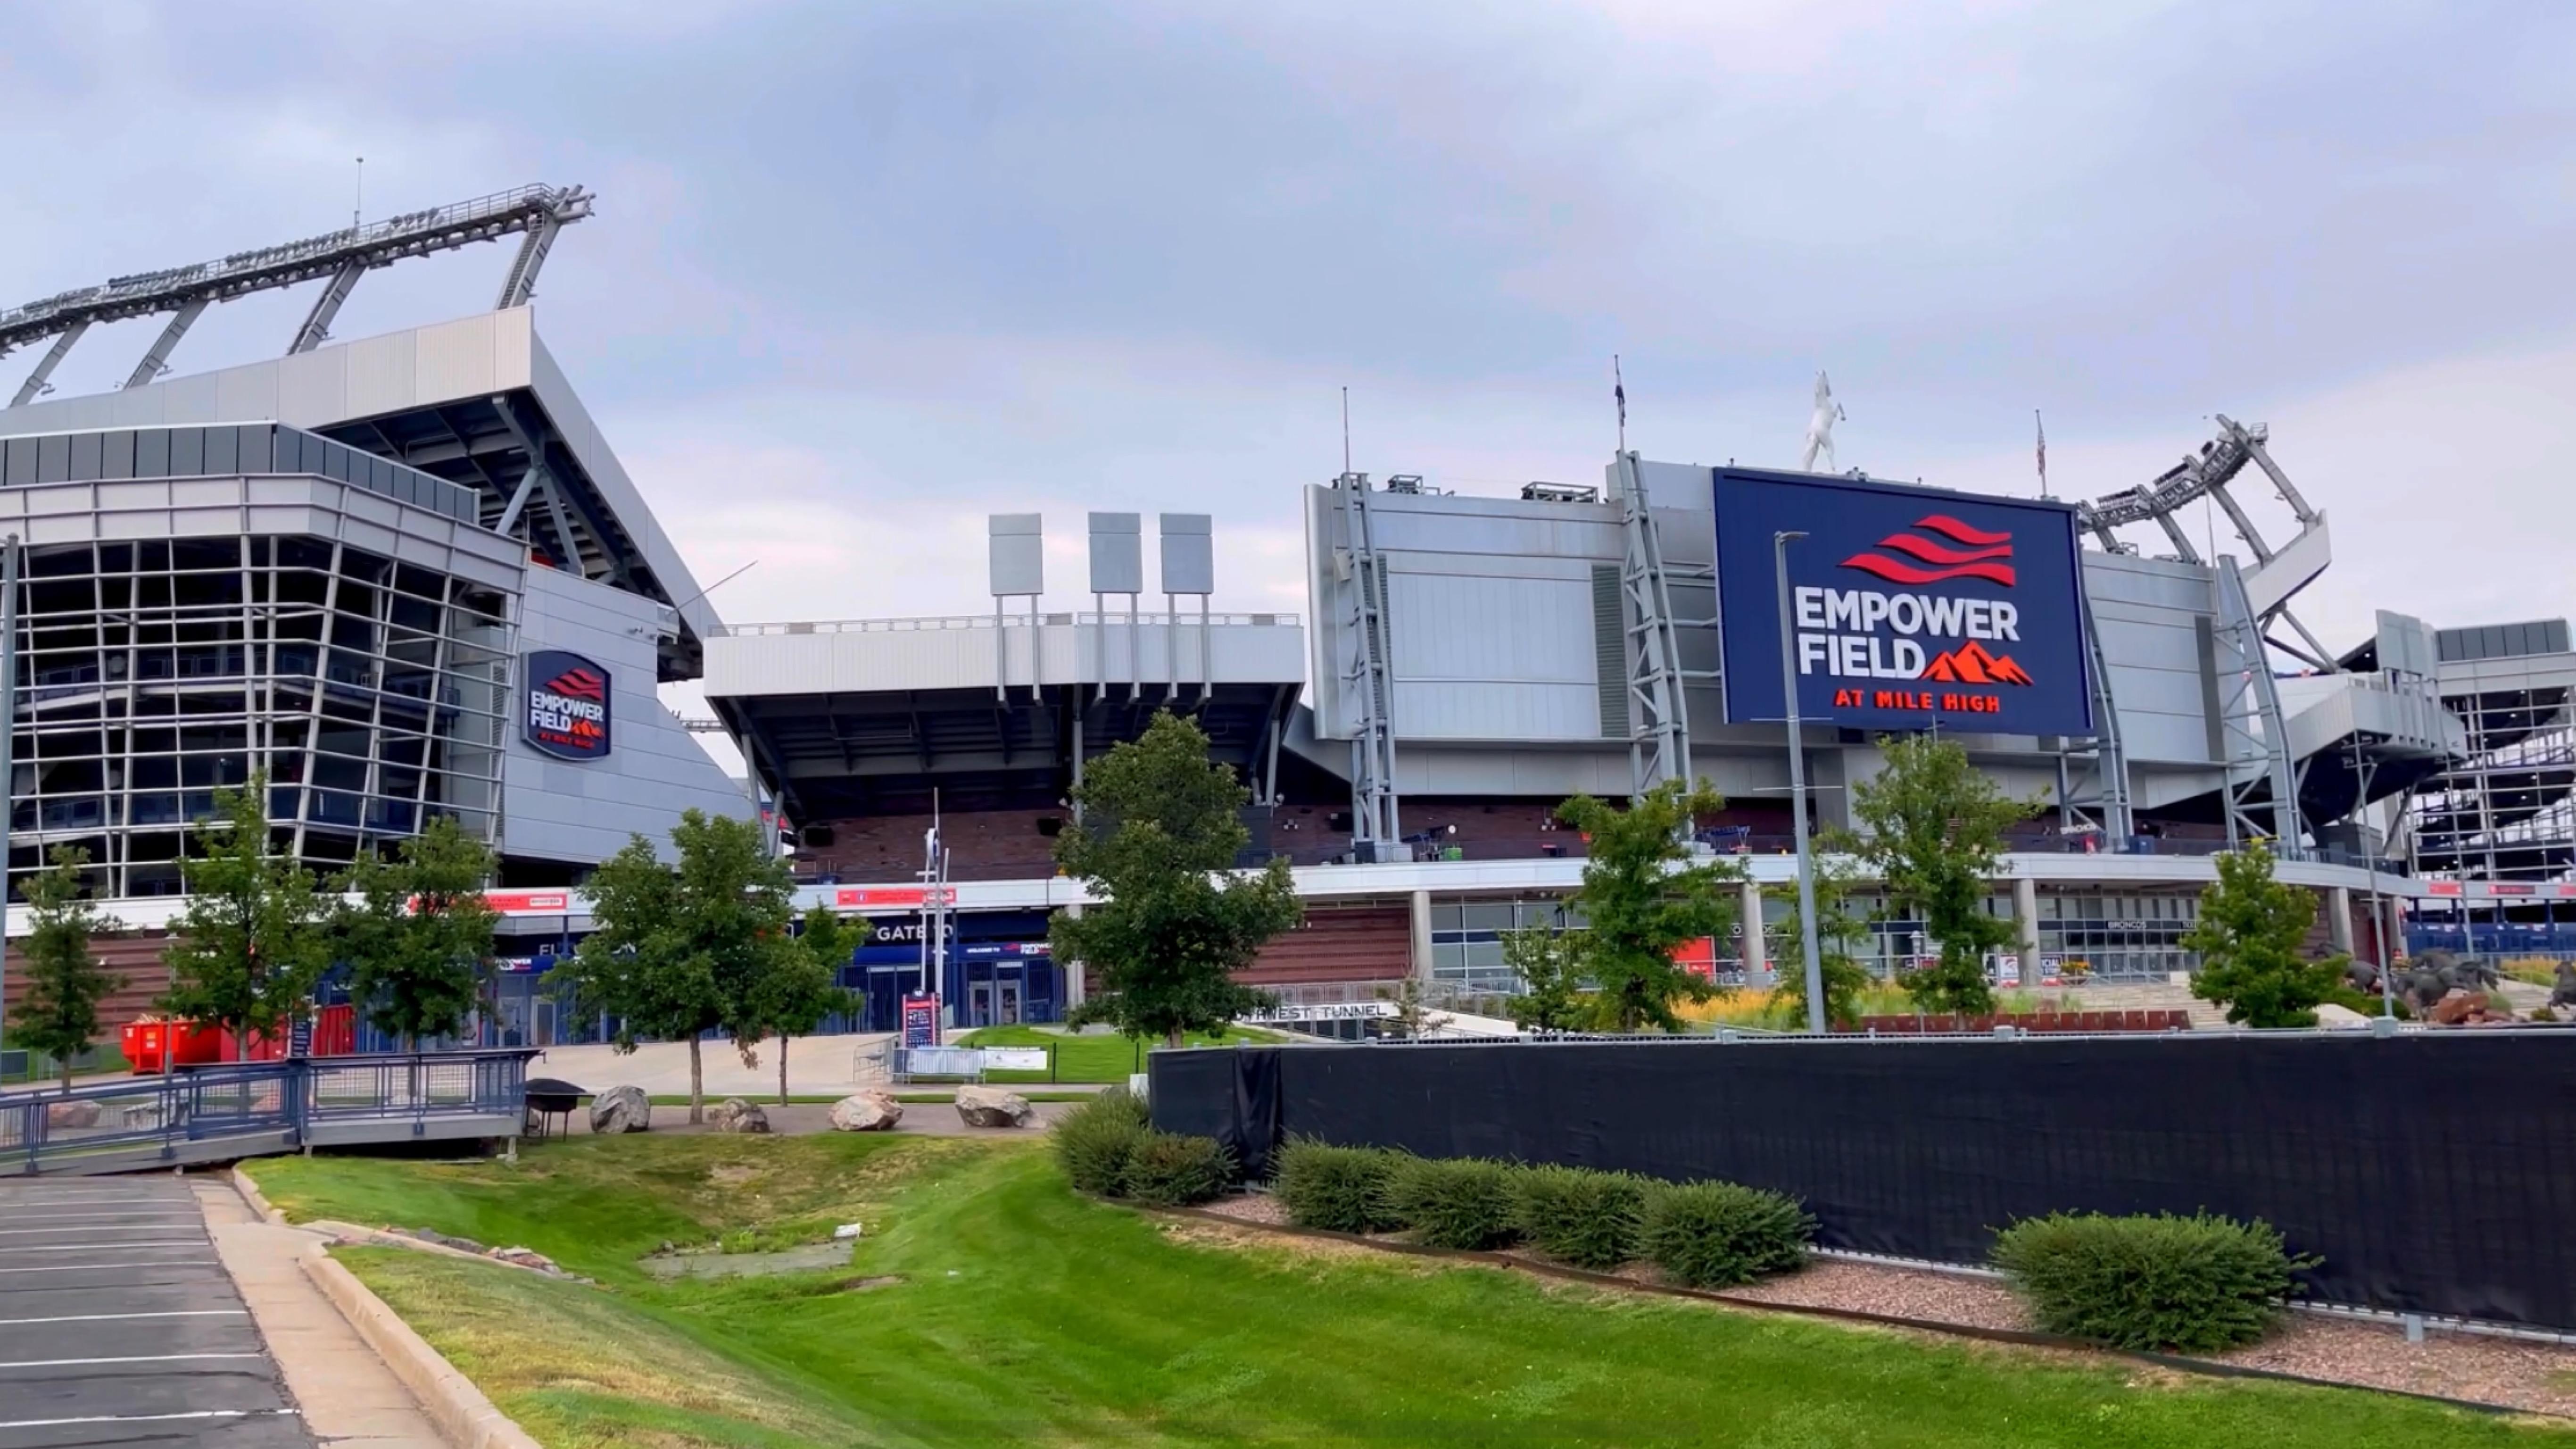 Empower Field at Mile High, Broncos de Denver, Futbol Americano, estadio de los Broncos de Denver